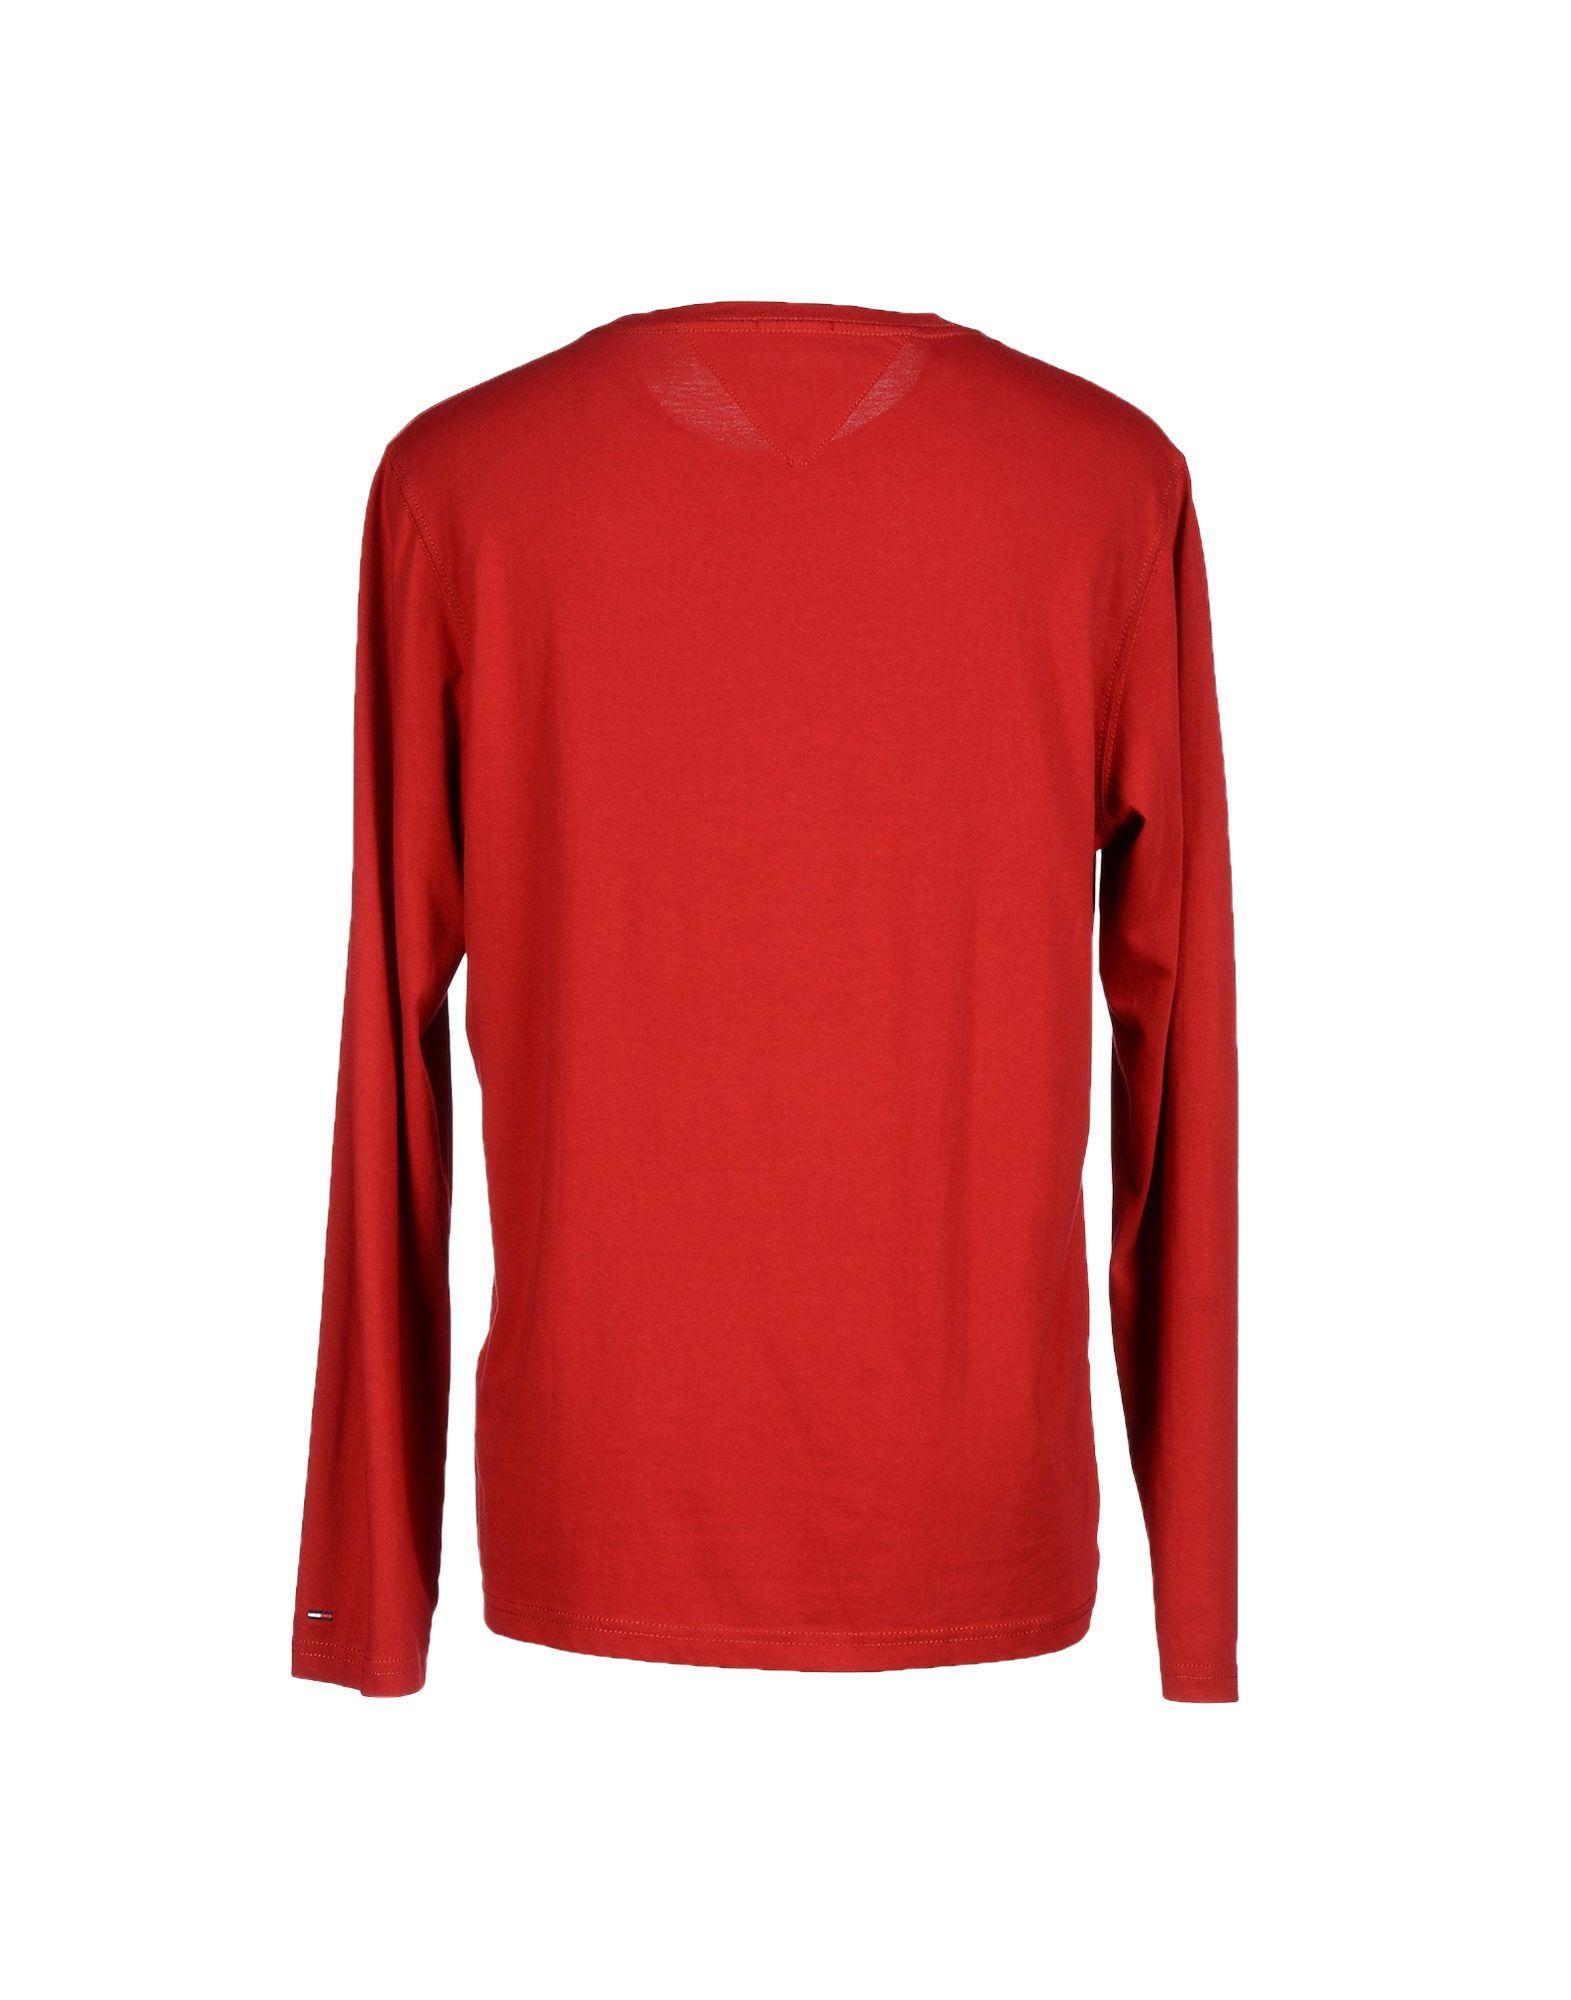 tommy hilfiger denim t shirt in red for men lyst. Black Bedroom Furniture Sets. Home Design Ideas